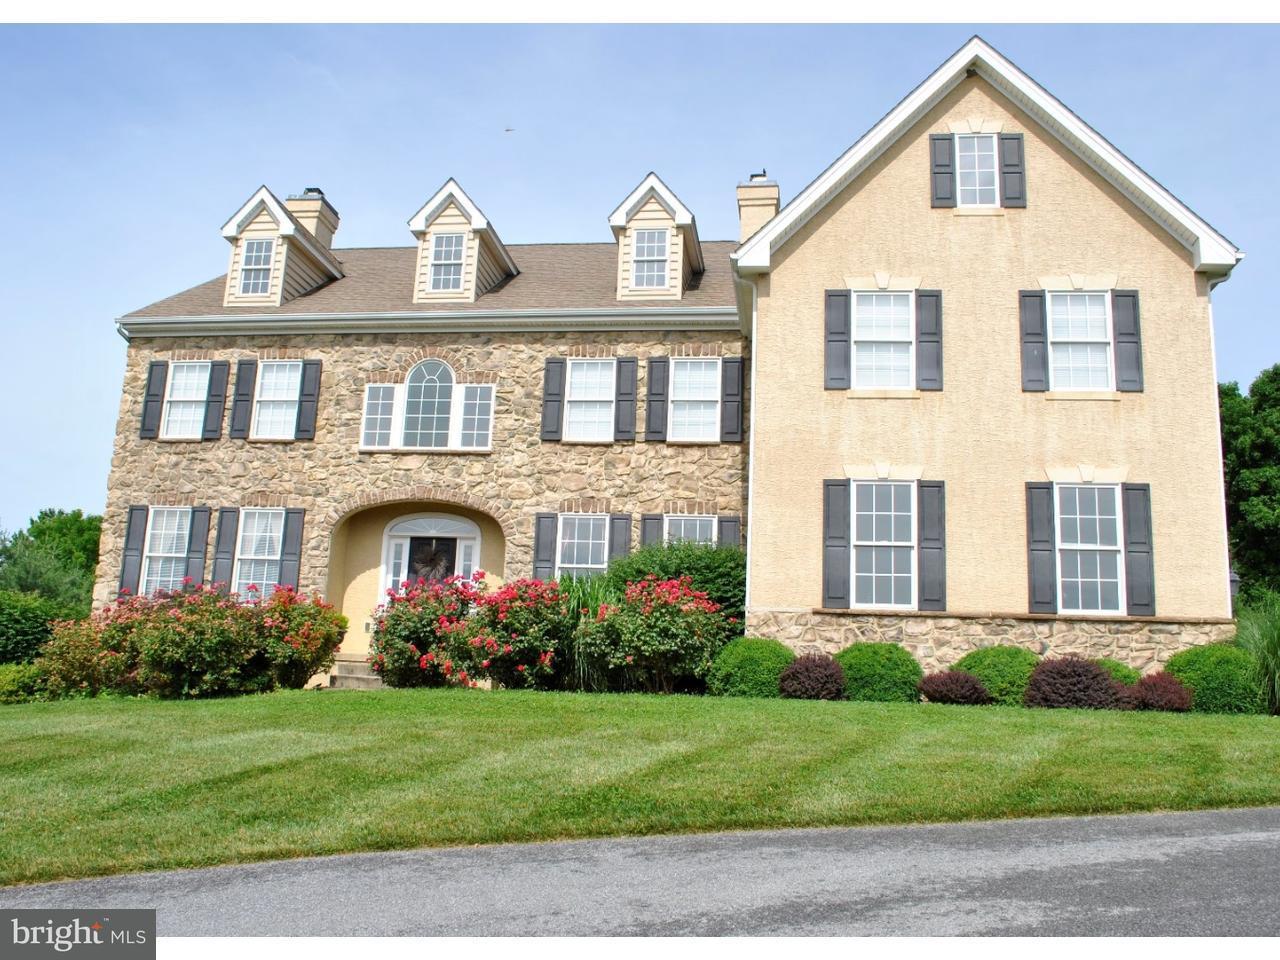 Maison unifamiliale pour l à louer à 172 HARROGATE Drive Landenberg, Pennsylvanie 19350 États-Unis